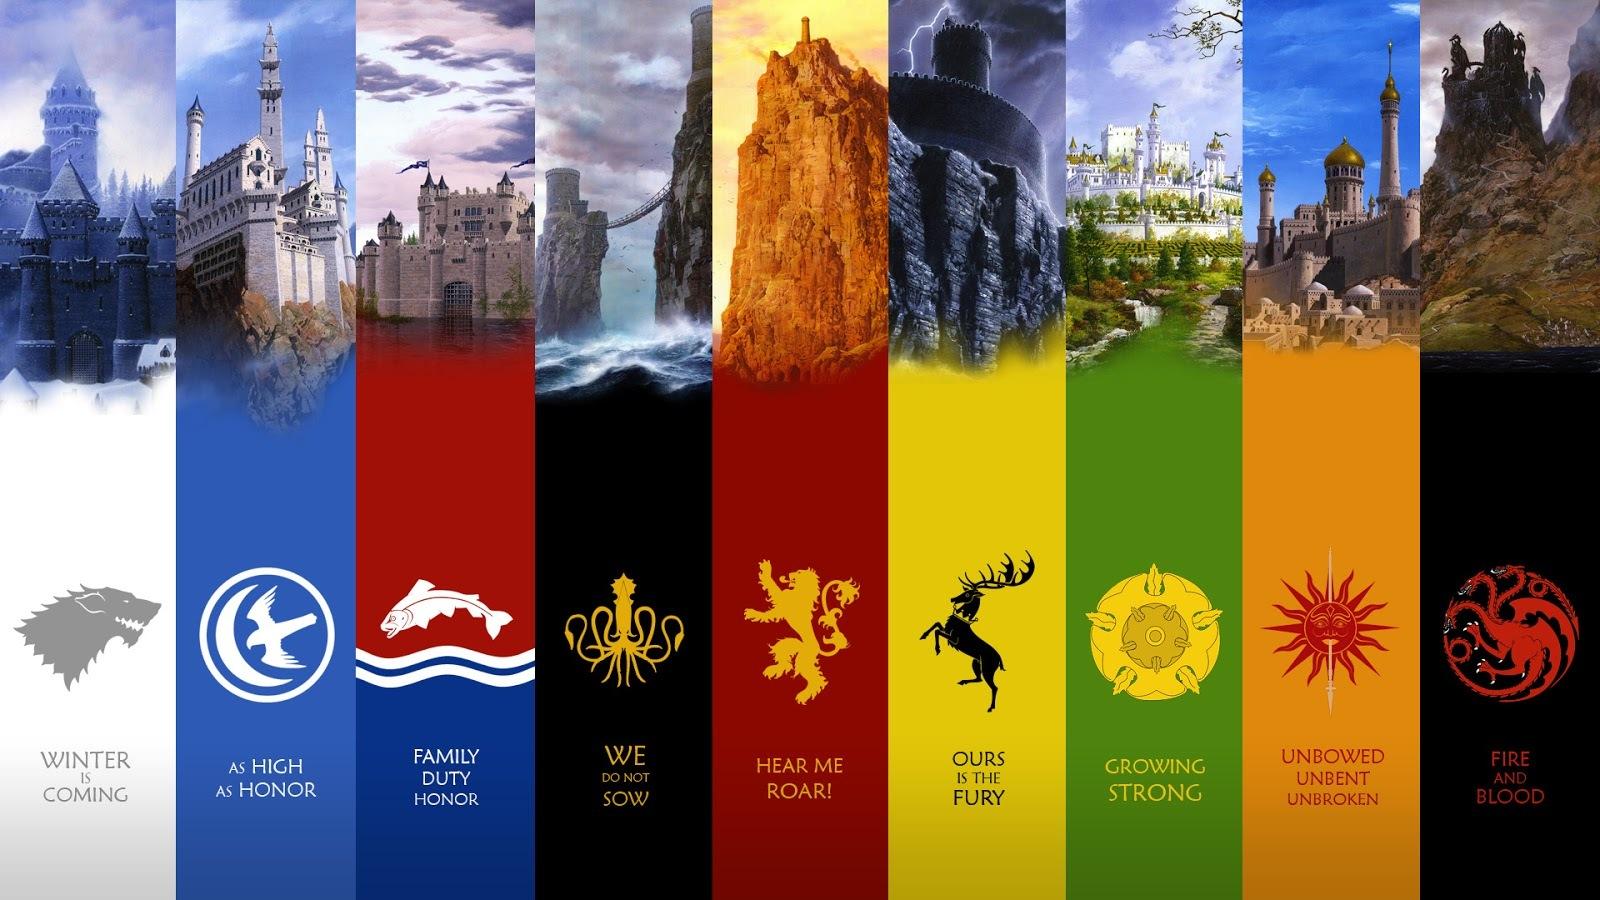 10537 - Personajes de Canción de Hielo y Fuego (Exclusivos de los libros)